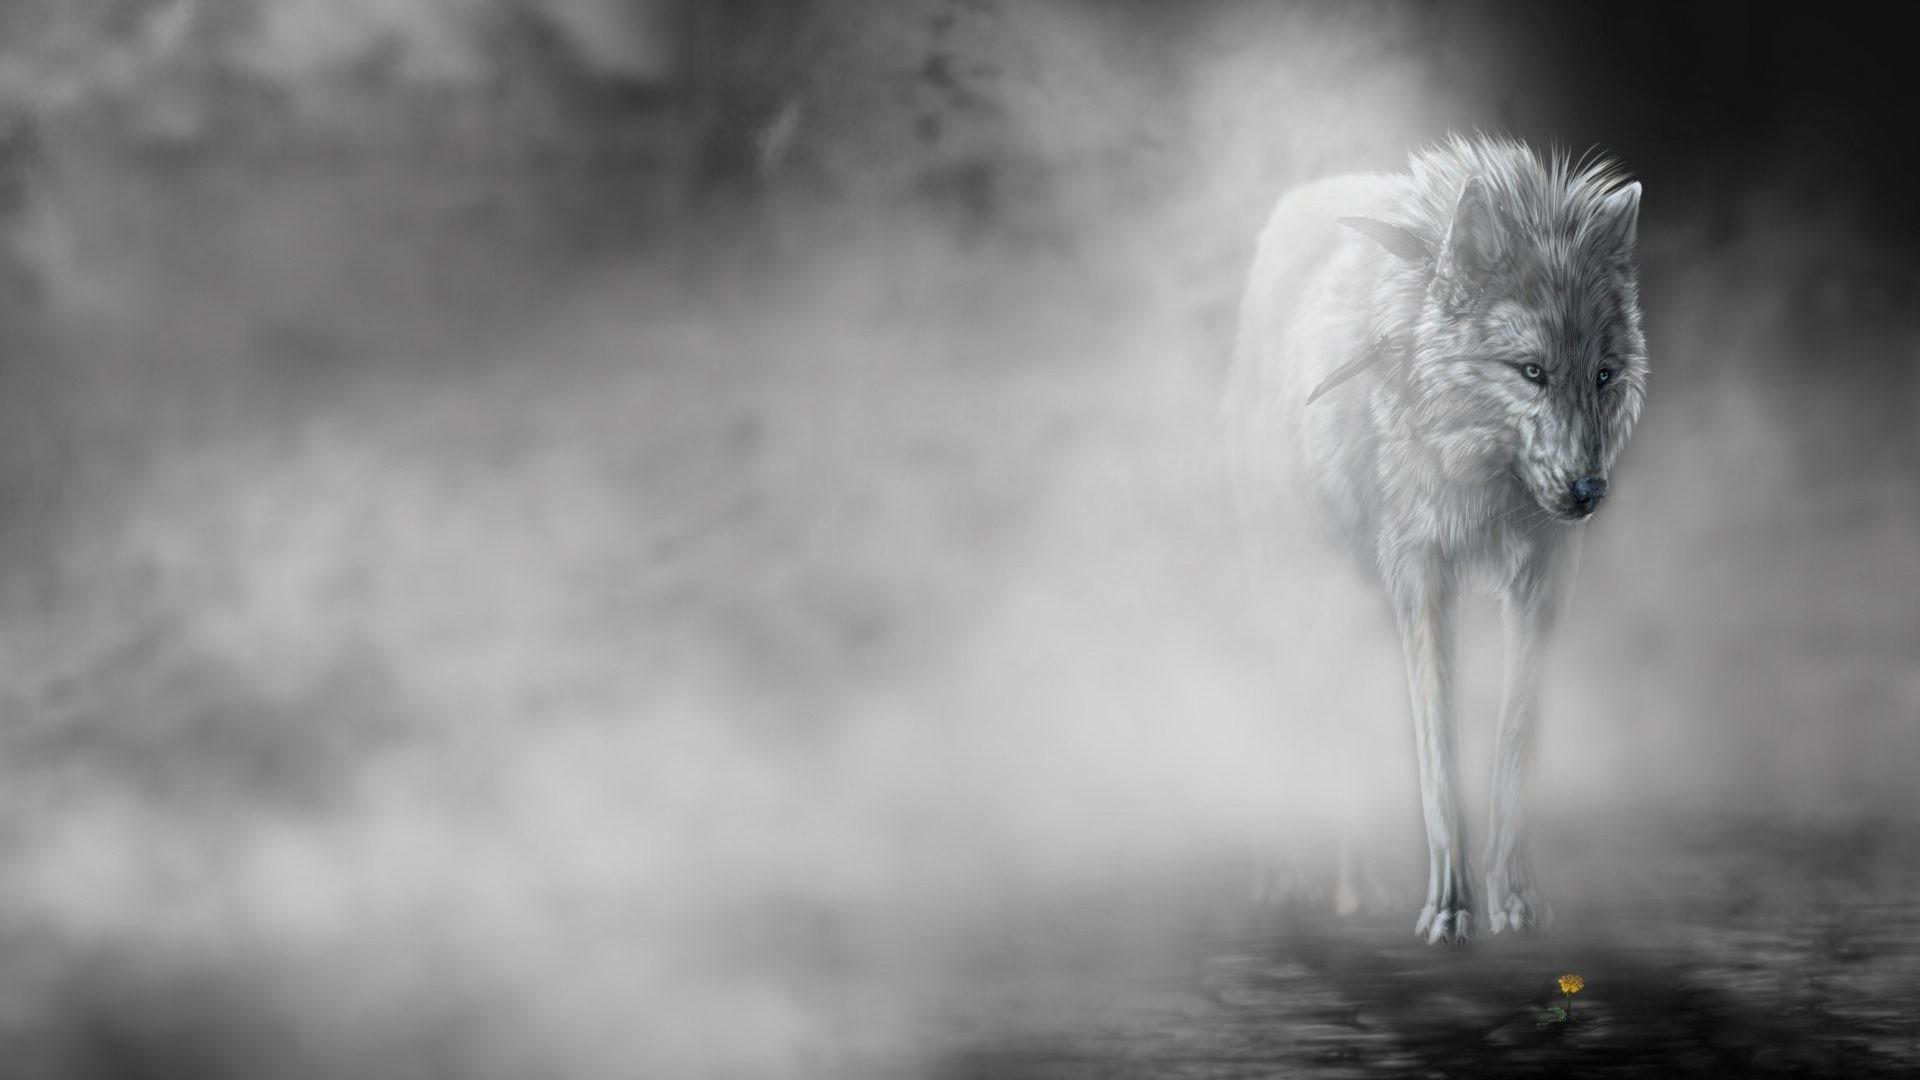 Res: 1920x1080, Emotion Tag - Mood Art Wolf Mist Predator Fog Wolves Fantasy Animals  Emotion Funny Animal Hd